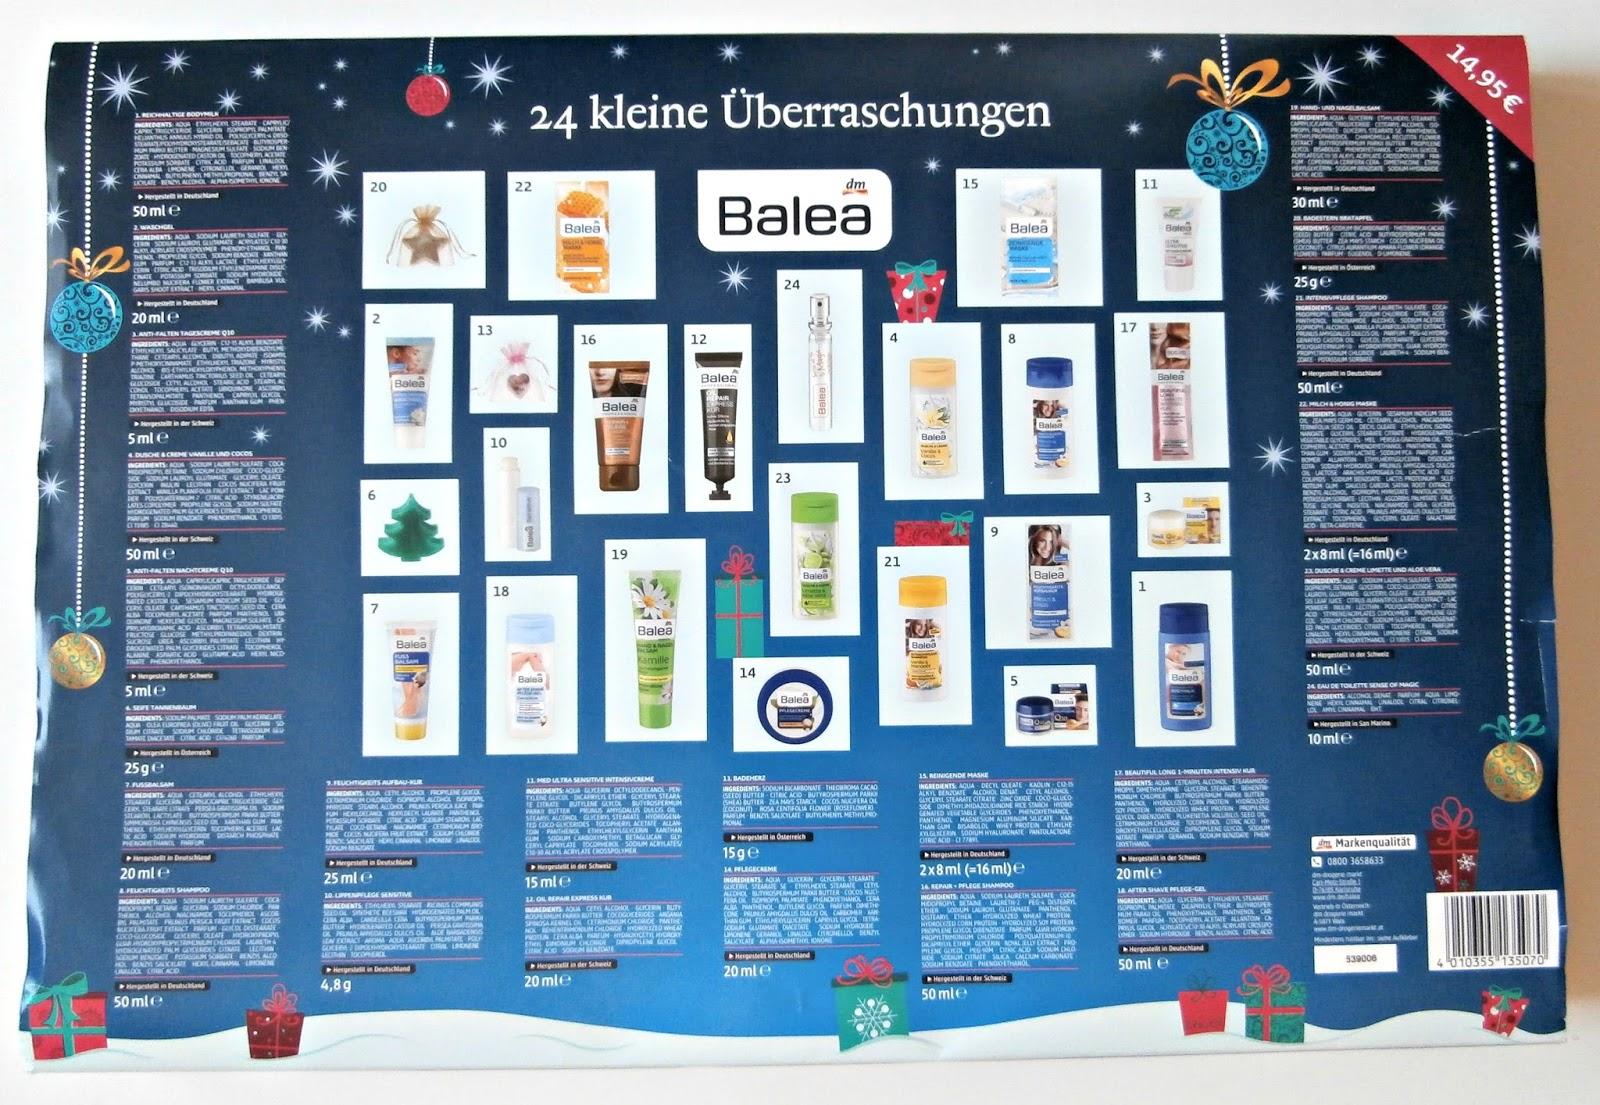 dm adventni kalendar Adventní kalendář Balea | Povídání nejen o kosmetice dm adventni kalendar